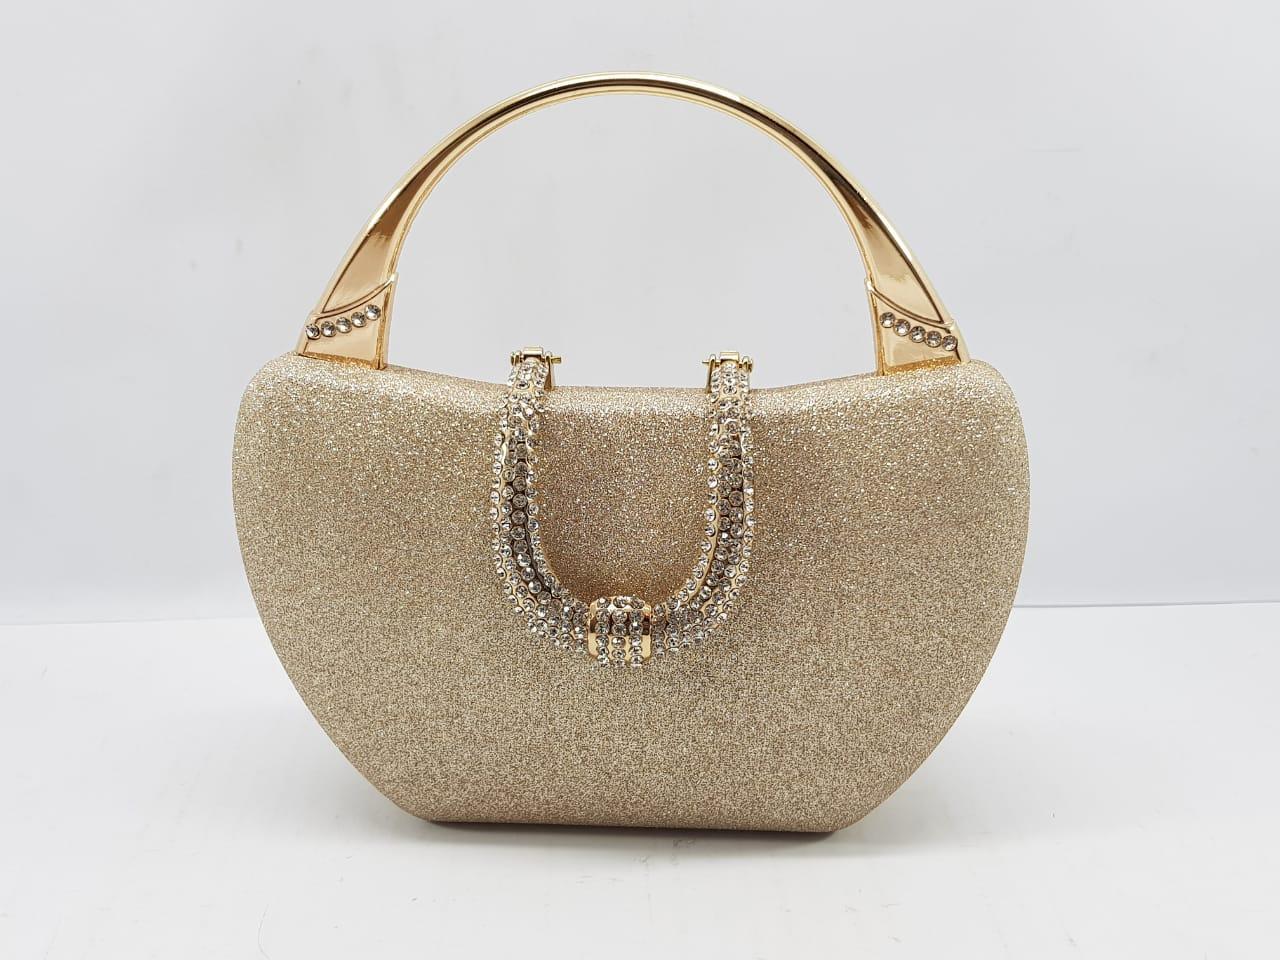 Buy women wear Women Bags at Best Prices Online in Pakistan - daraz.pk 6bd2e71fa0d05